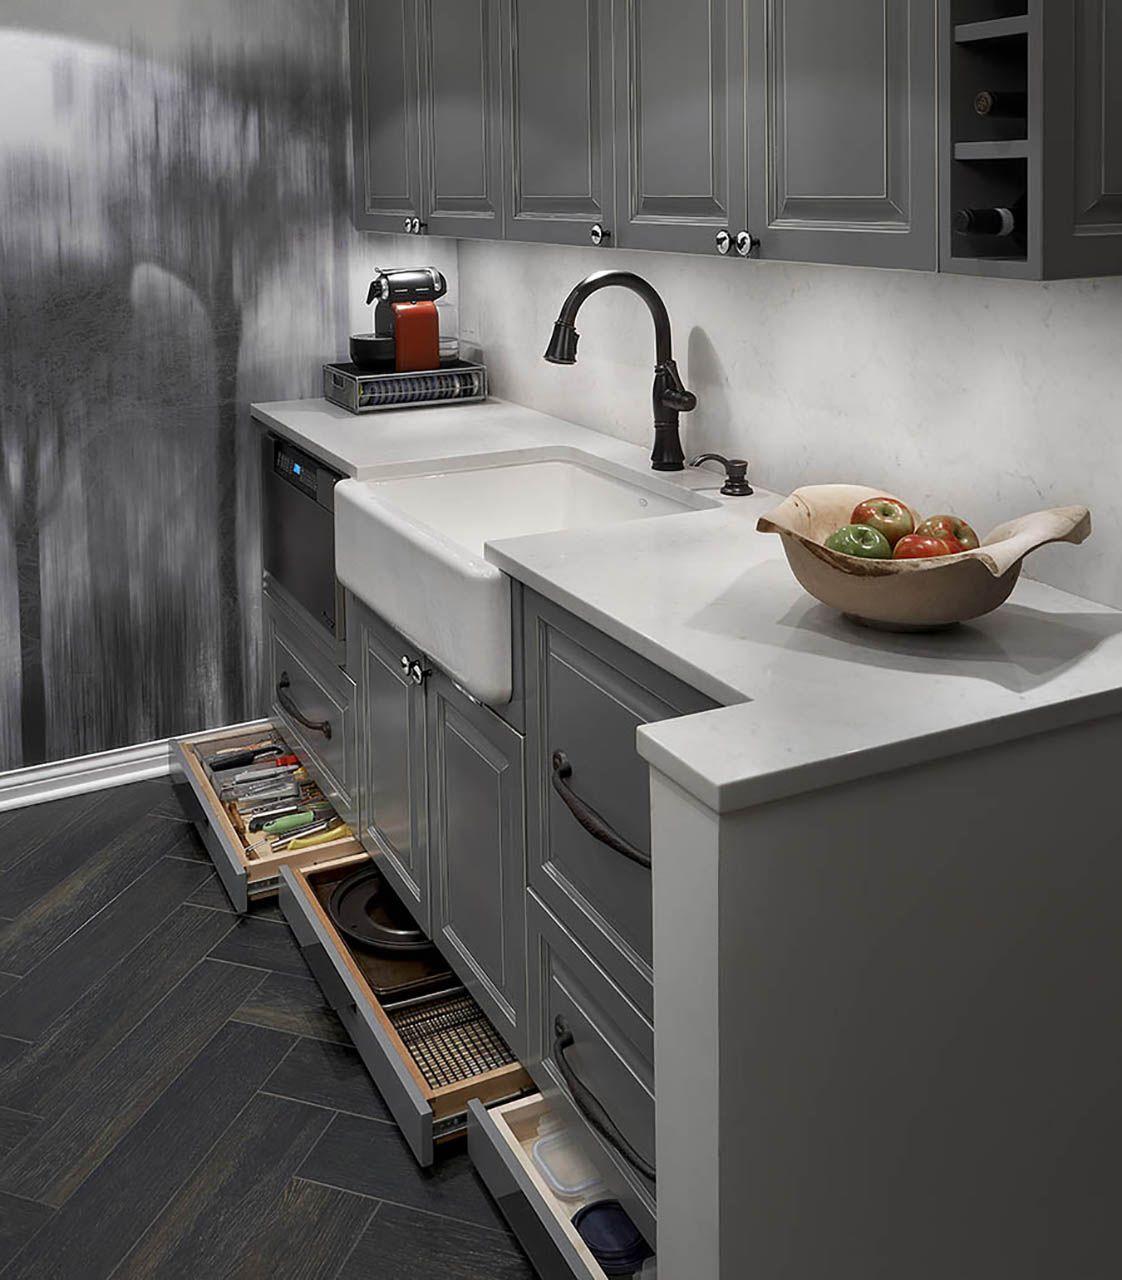 Stylish Grey Kitchen Cabinet With Modern Sink Design In Chicago Kitchen Inspiration Design Trendy Kitchen Kitchen Island Design